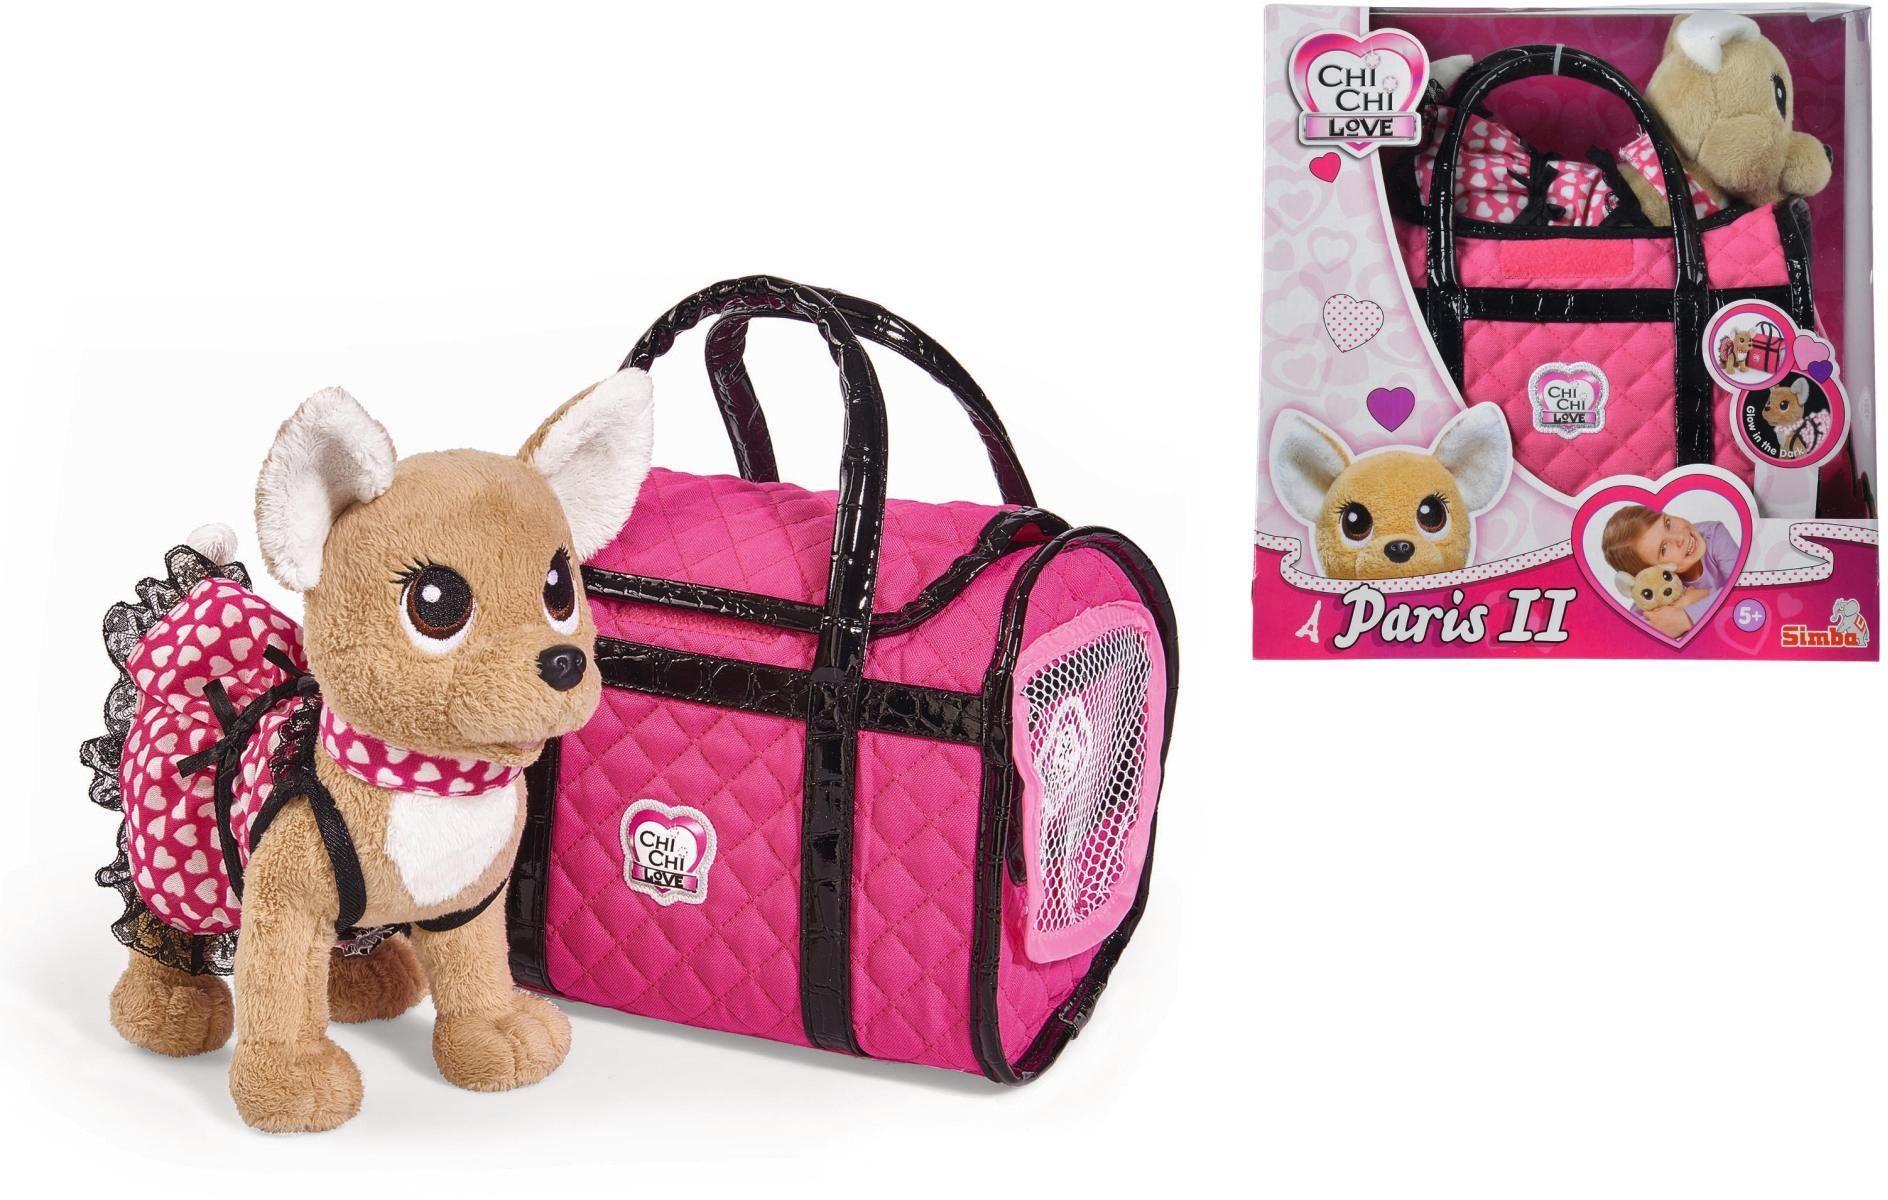 Simba Stofftier mit Tasche, »Chi Chi Love, Chihuahua Plüschhund Paris II«